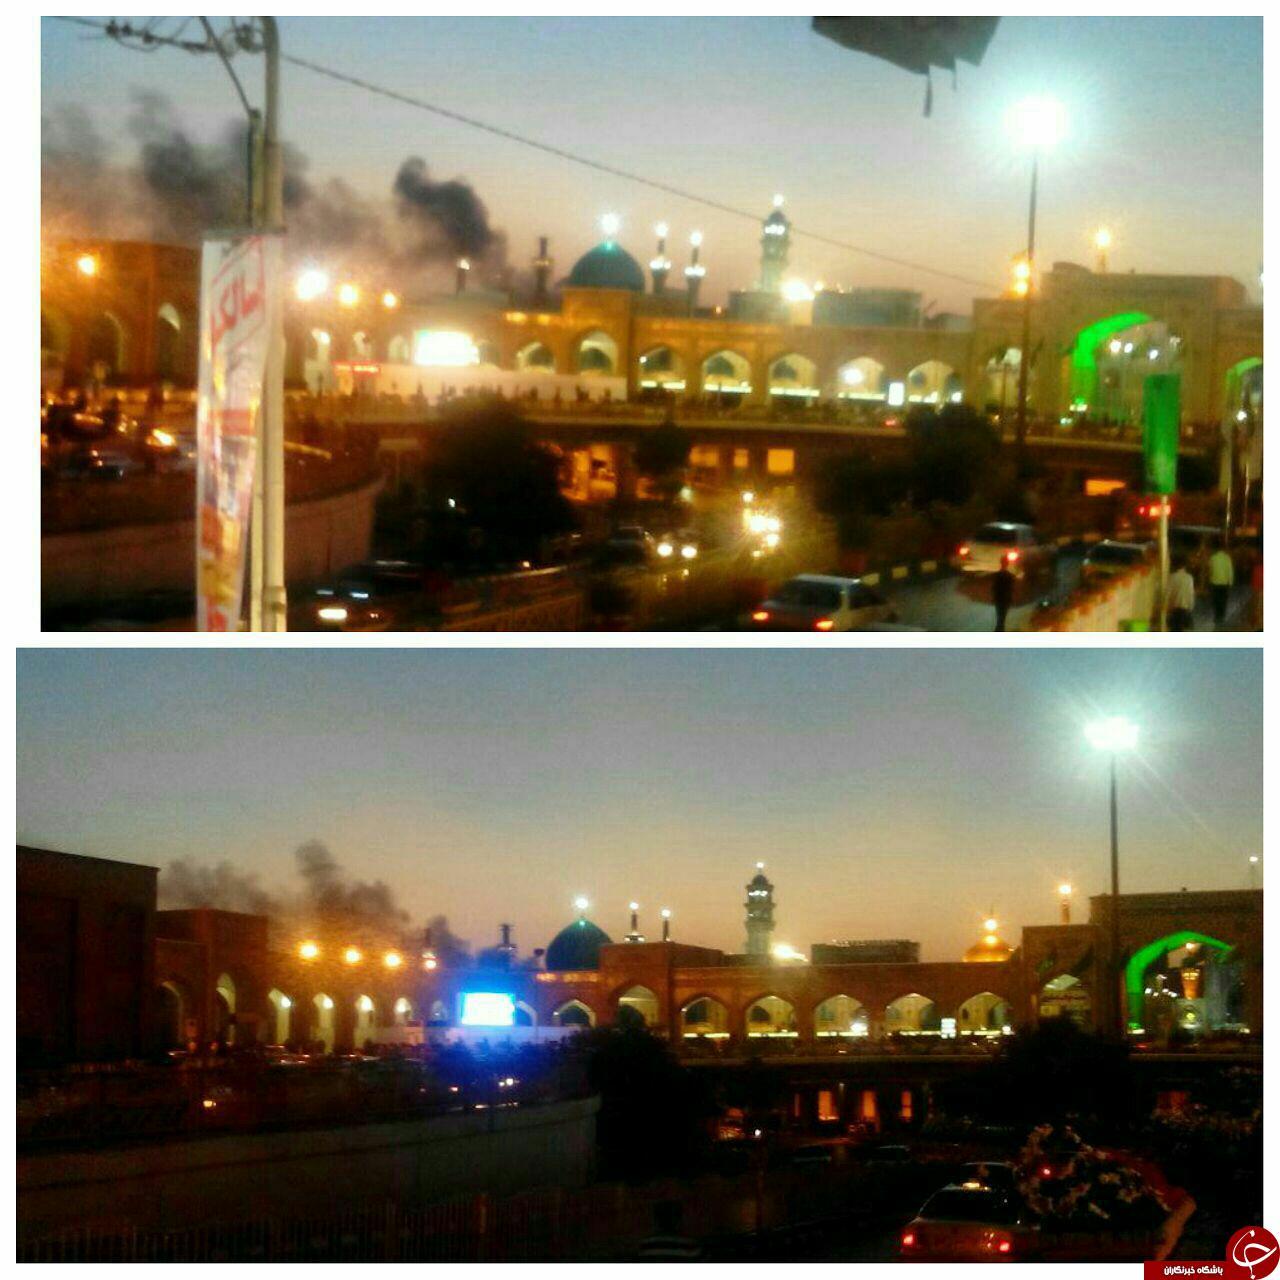 برج سلمان مشهد در آتش سوخت + تصاویر